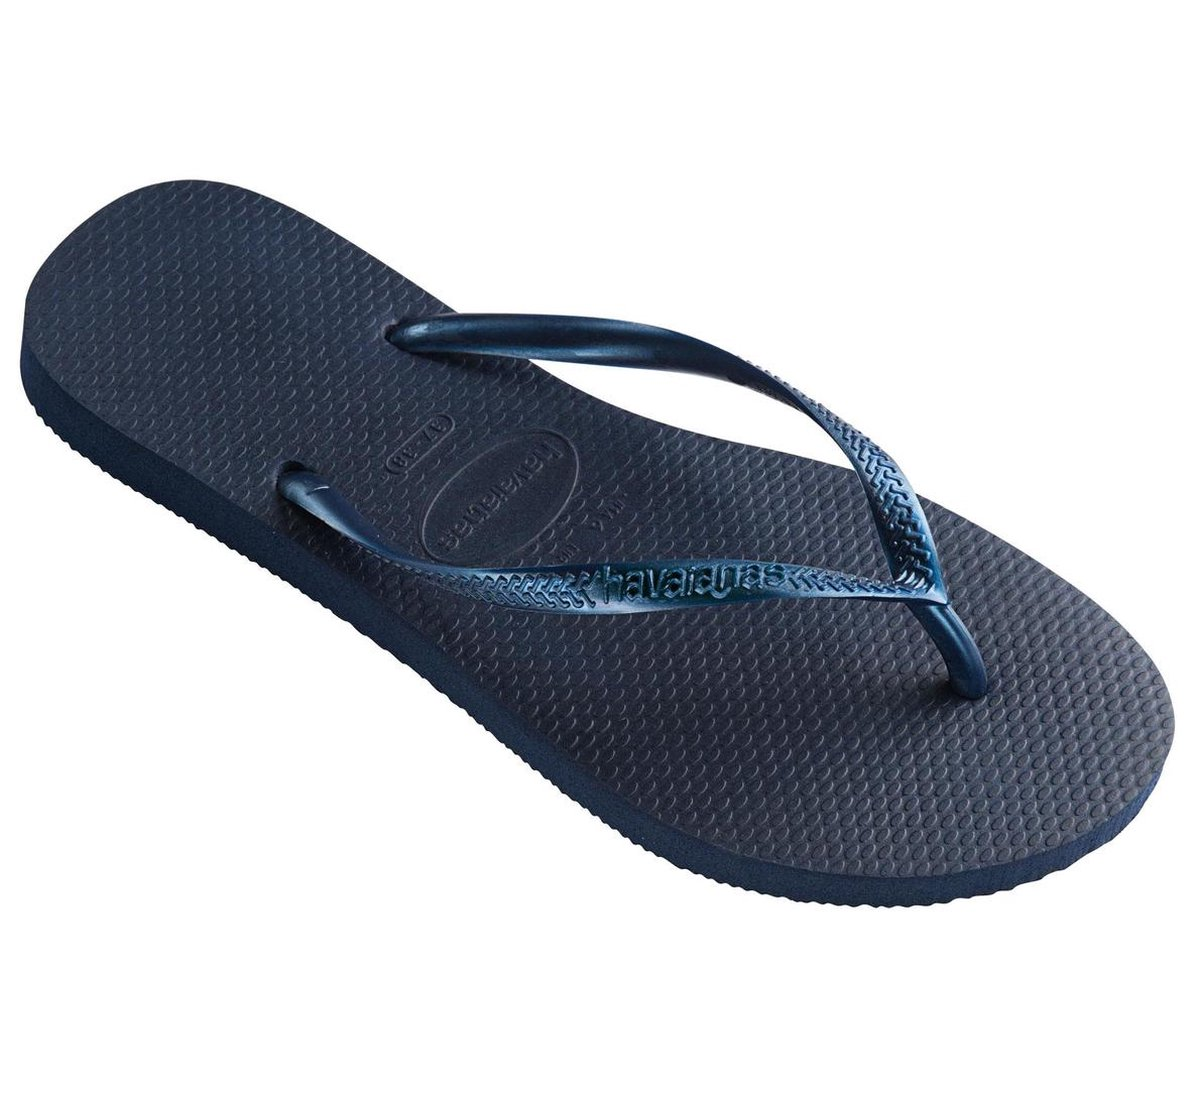 Havaianas Slim Dames Slippers - Navy Blue - Maat 41/42